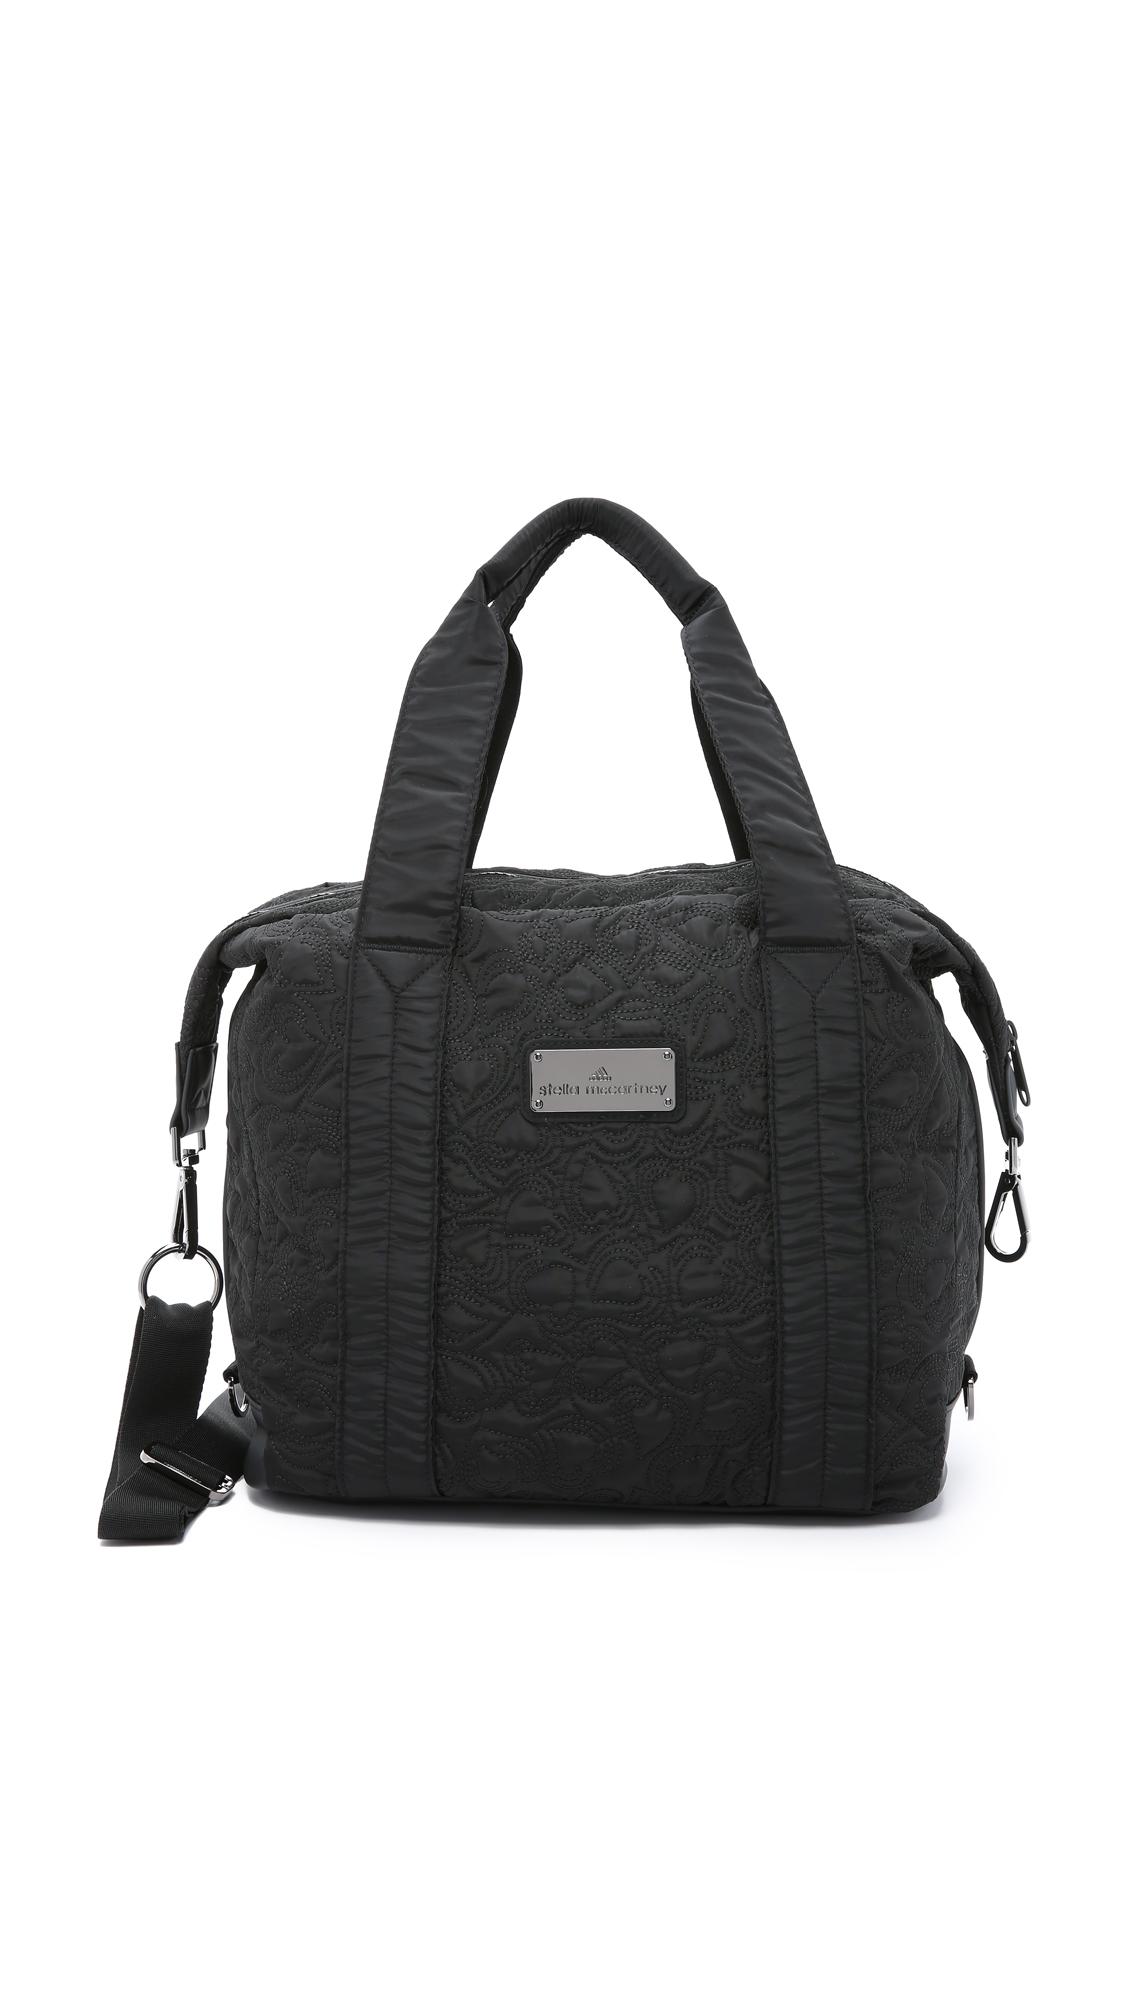 6f90752258b5 Lyst - adidas By Stella McCartney Small Gym Bag - Black in Black